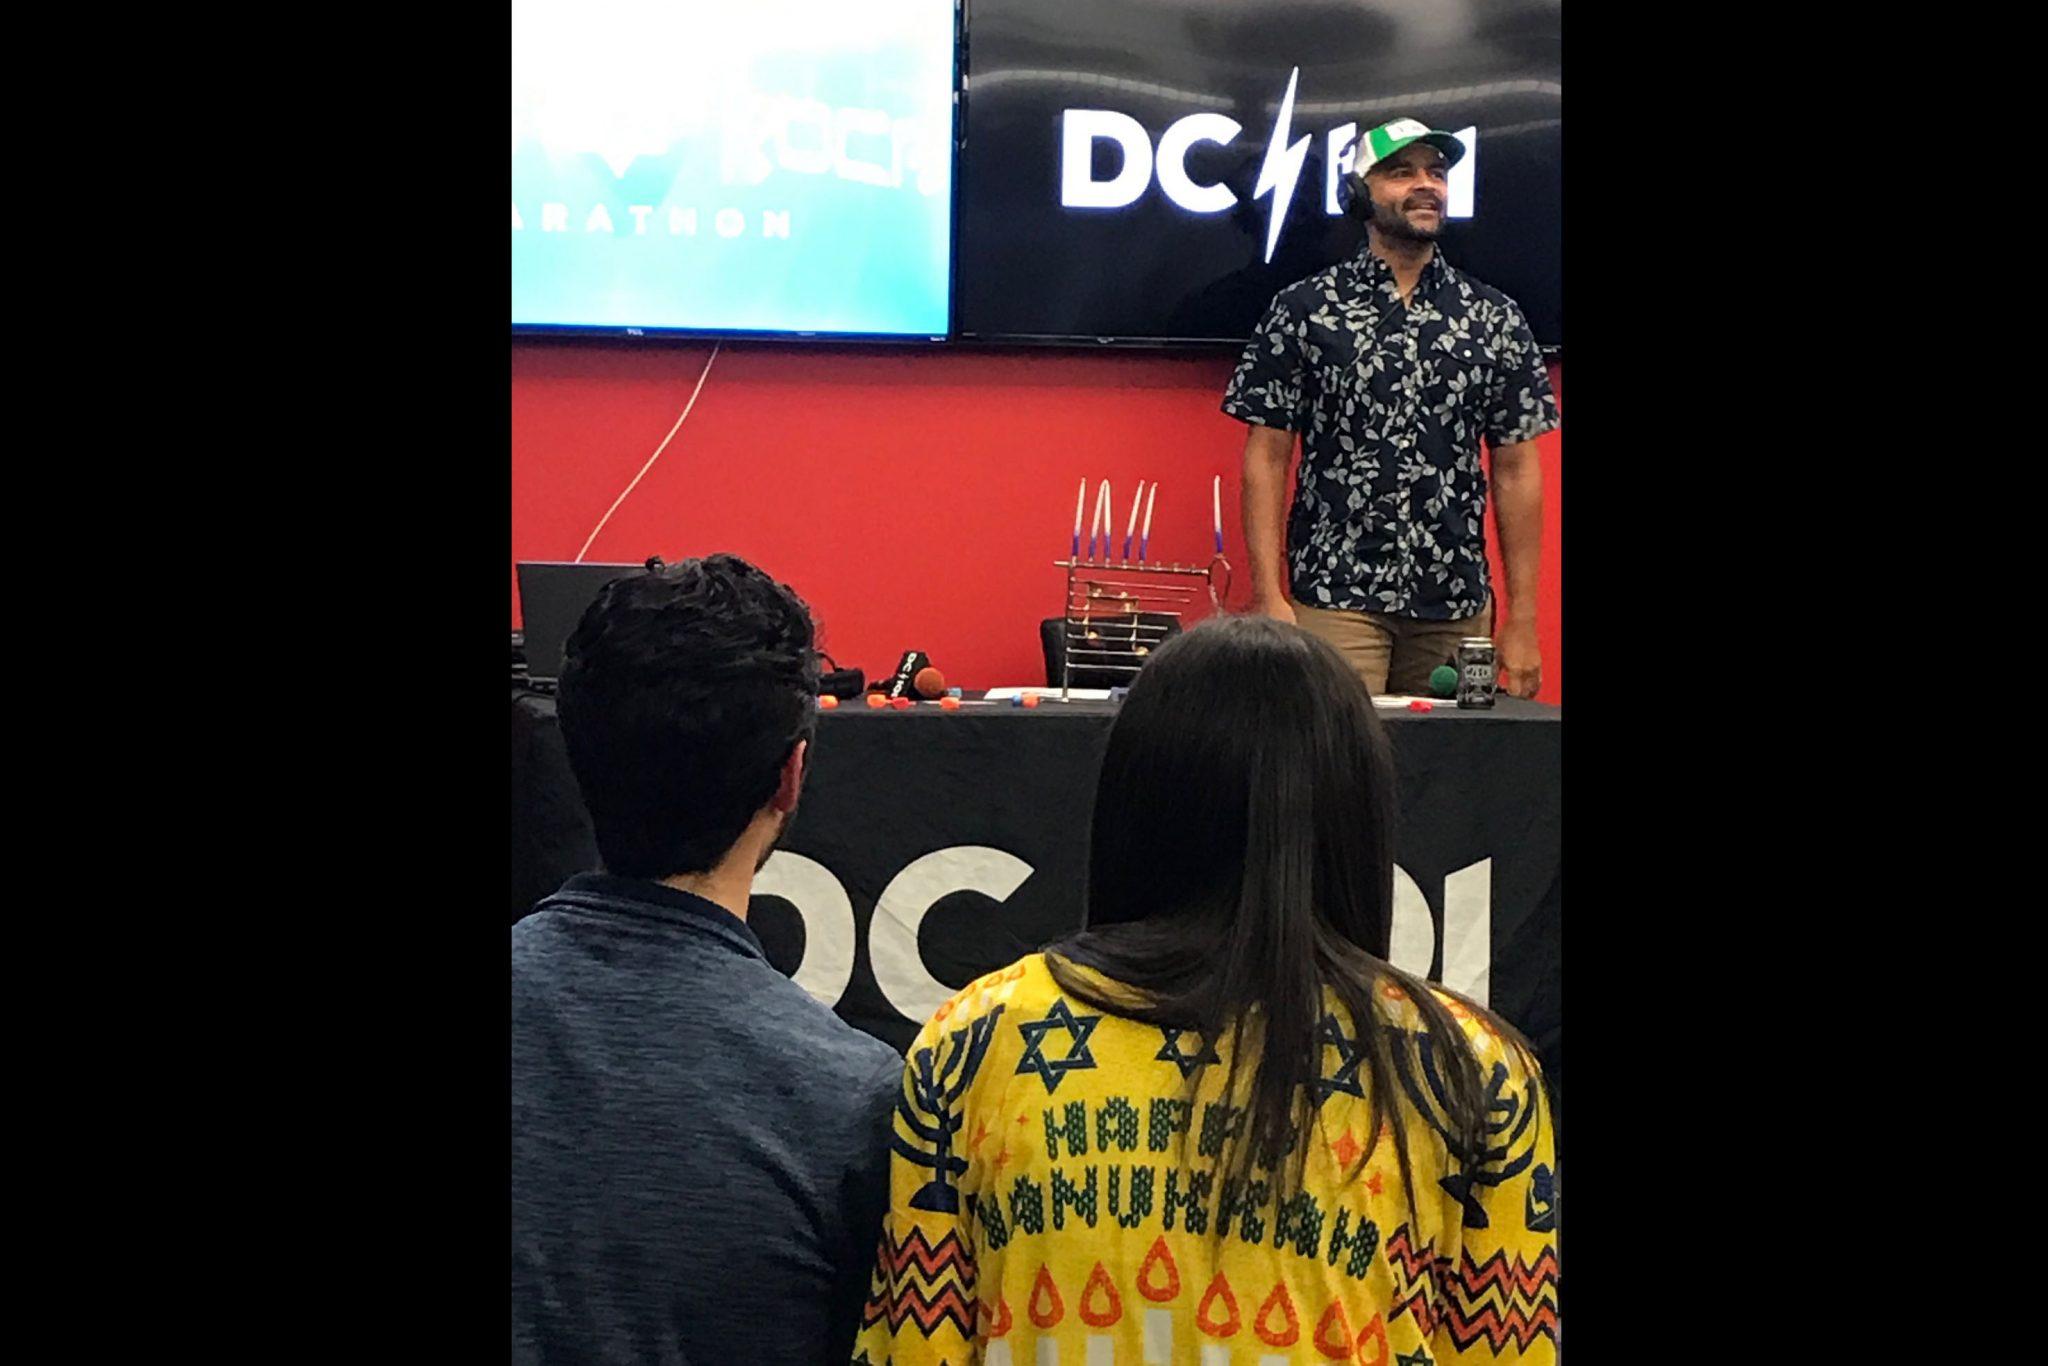 DJ Roche